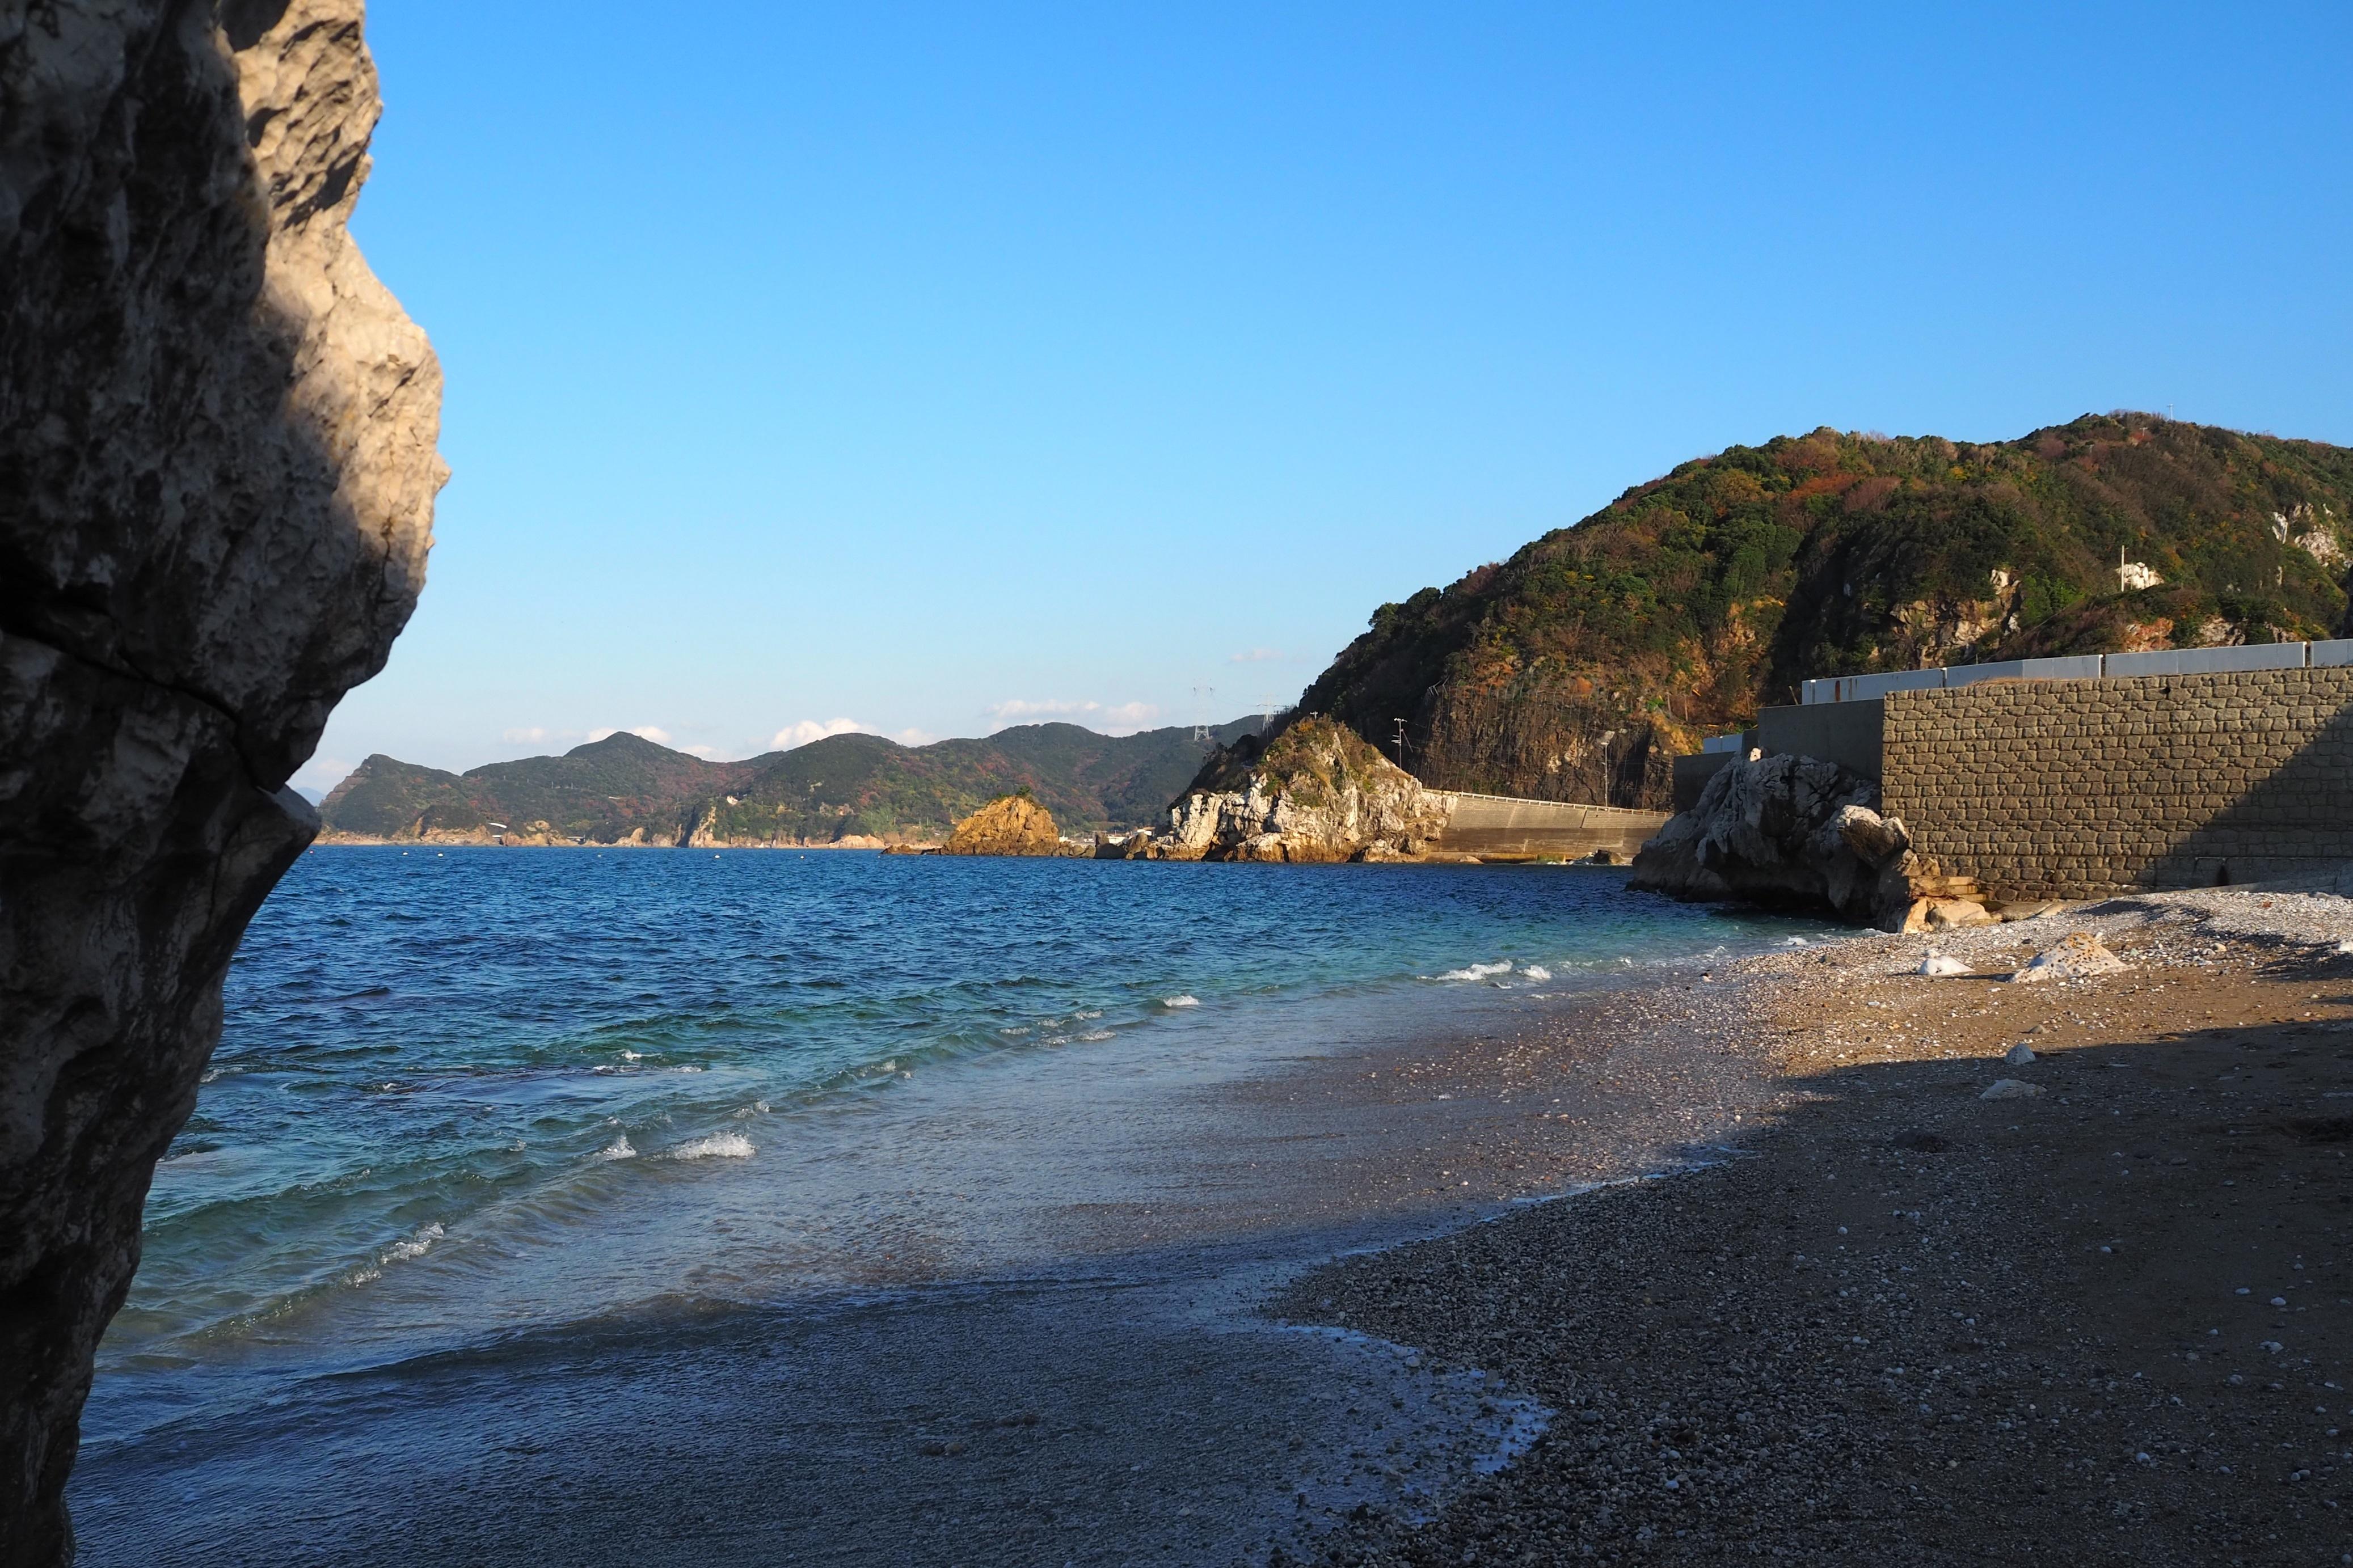 ぴーきち&ダイナ 和歌山湯浅ツーリング 白崎海洋公園 海岸線